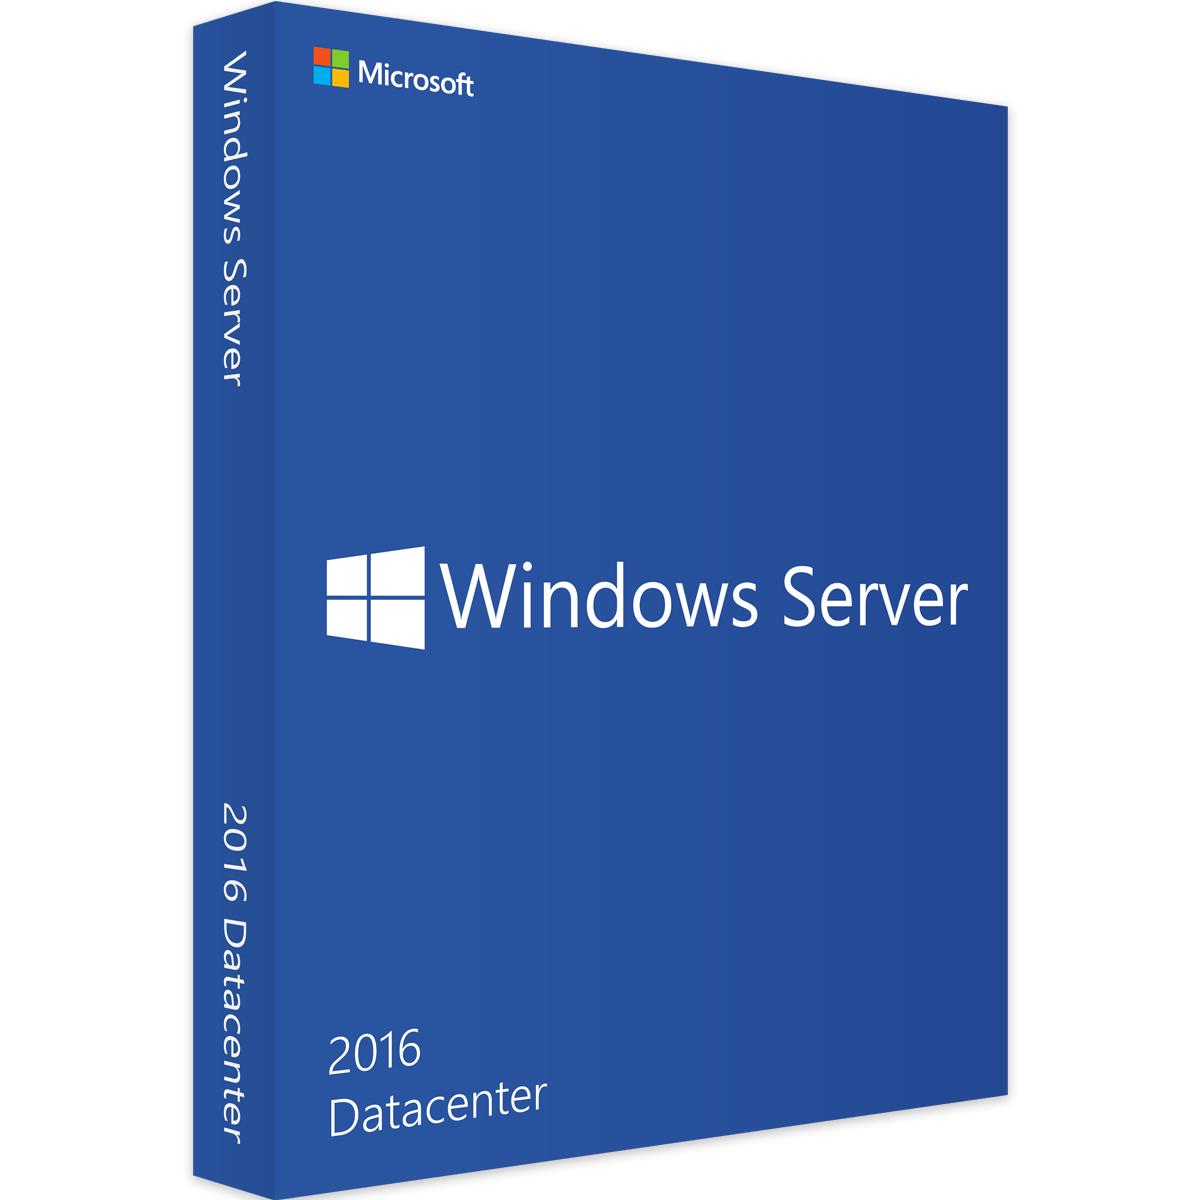 Licencia Windows Server 2016 Datacenter